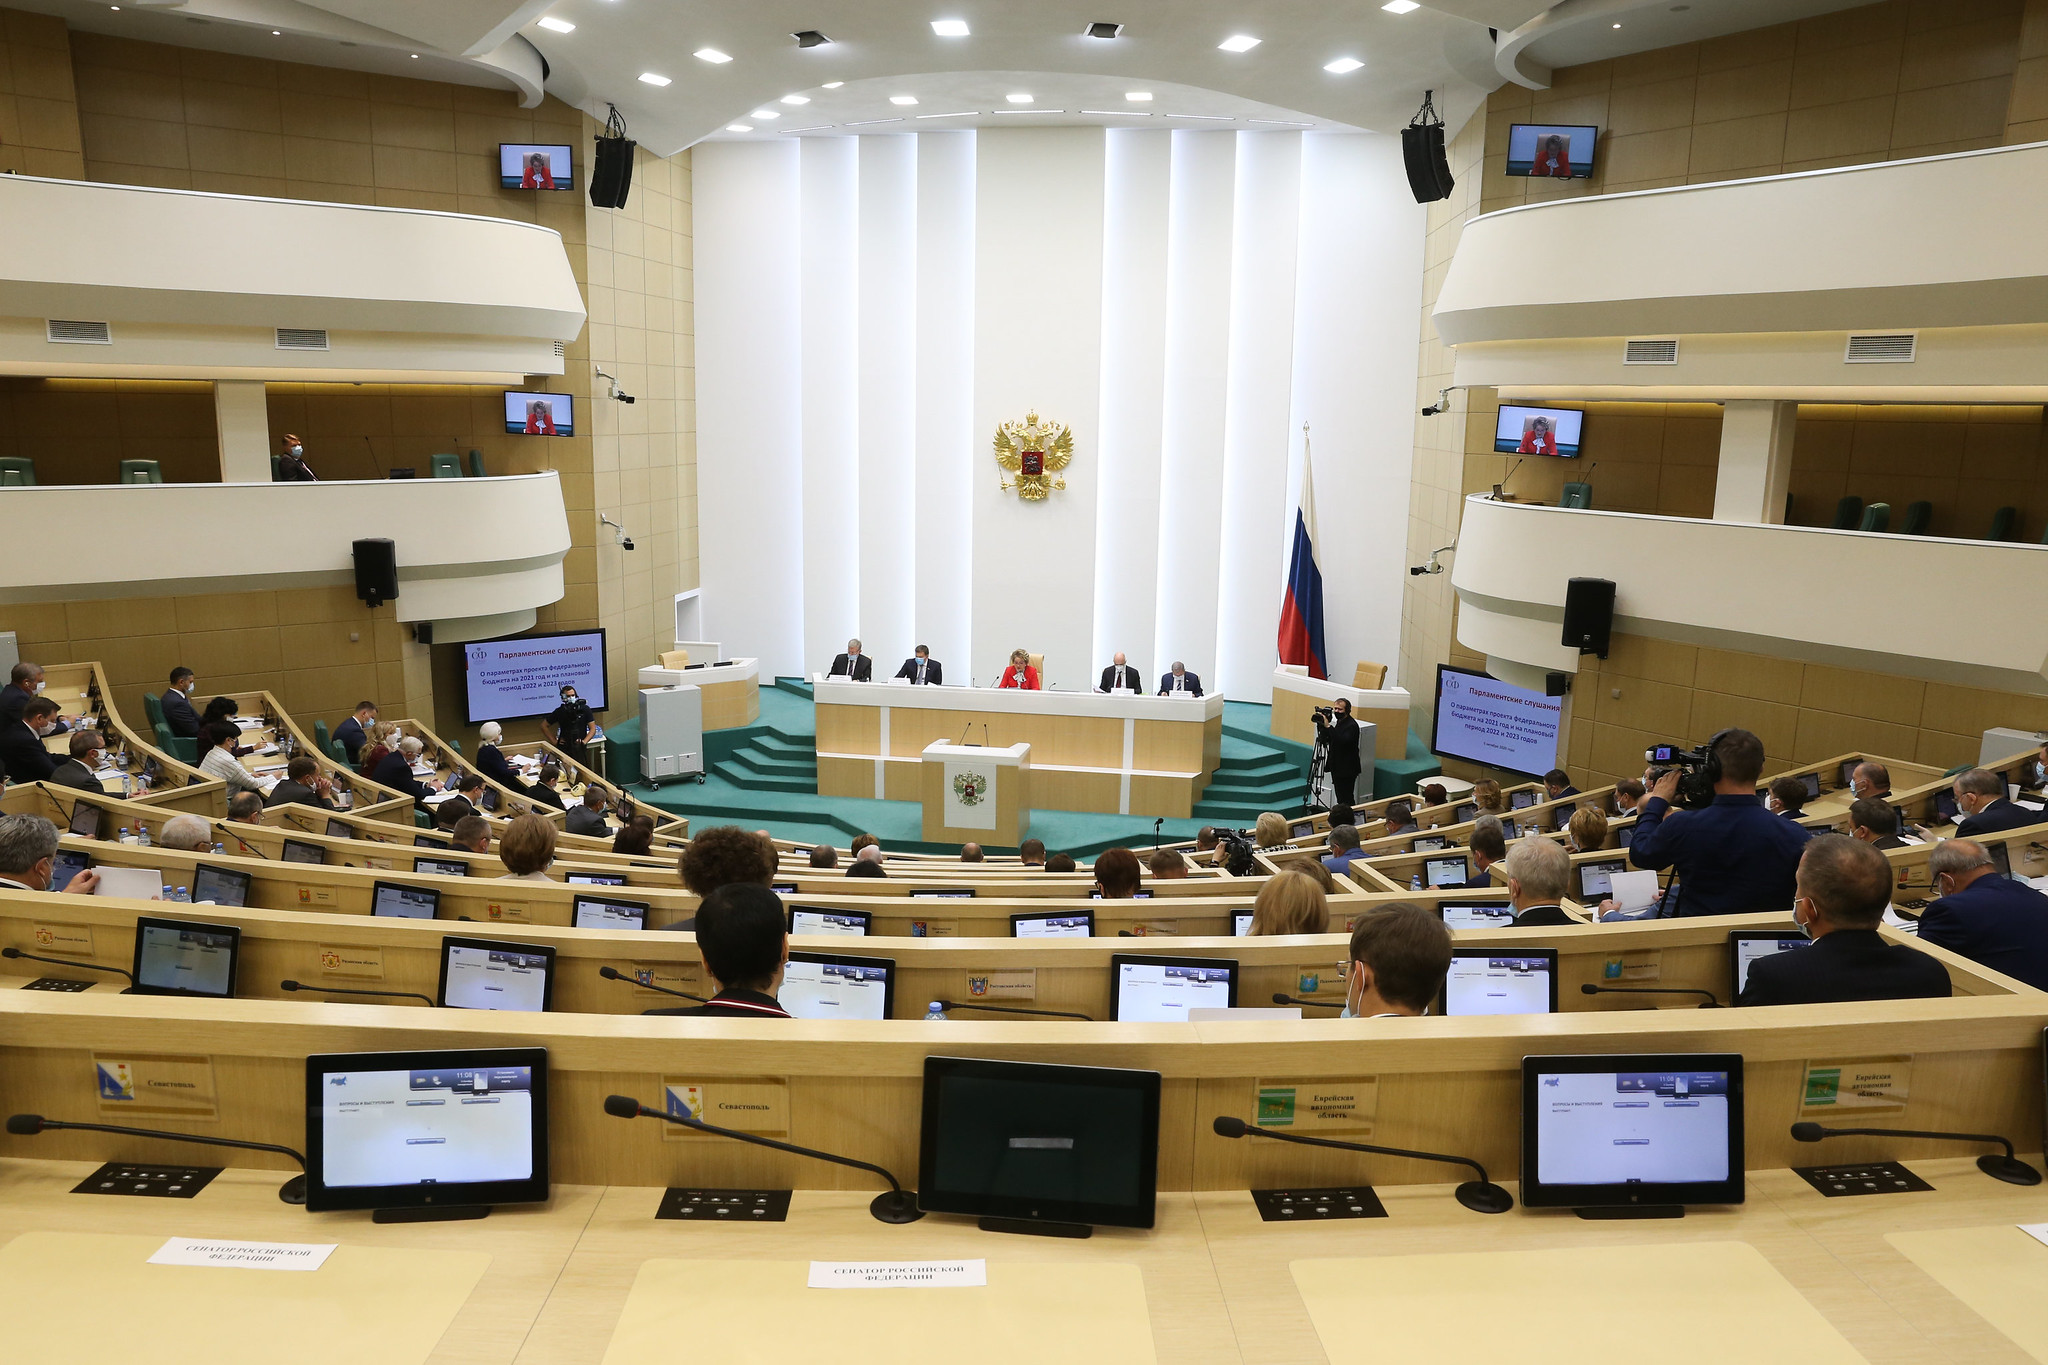 Дмитрий Азаров выступил с инициативами на парламентских слушаниях в Совете Федерации